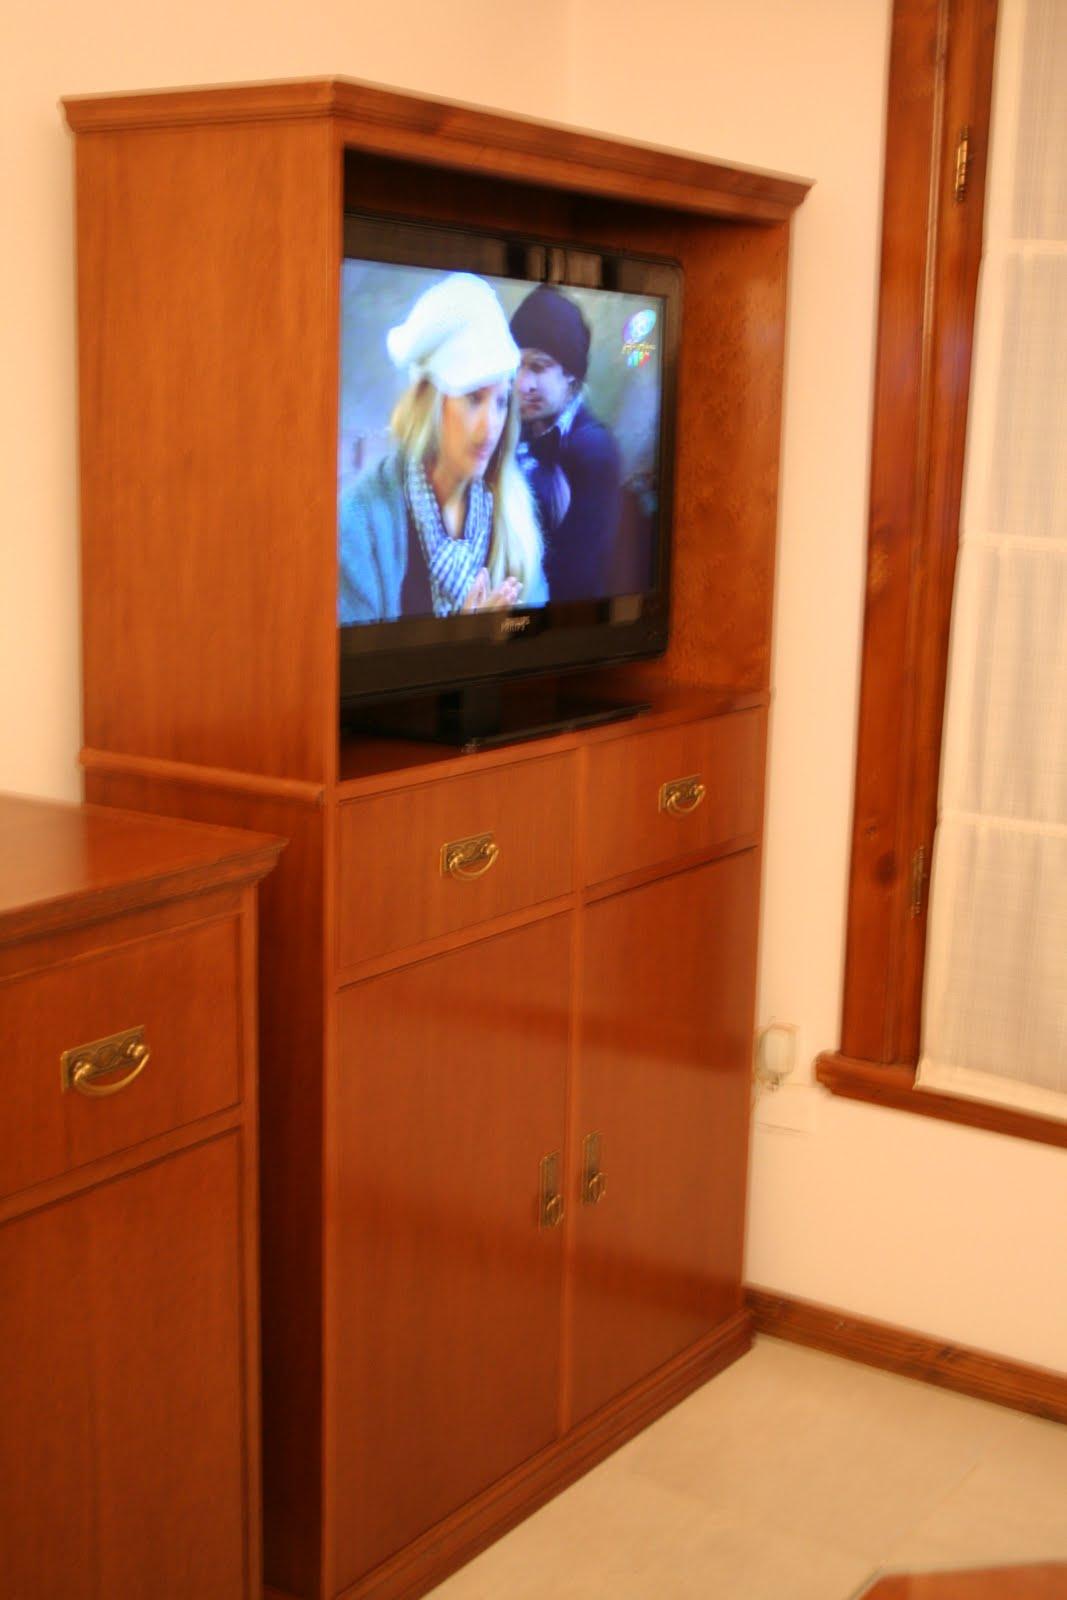 Muebles a medida tandil mueble cedro lustrado para tv for Muebles a medida